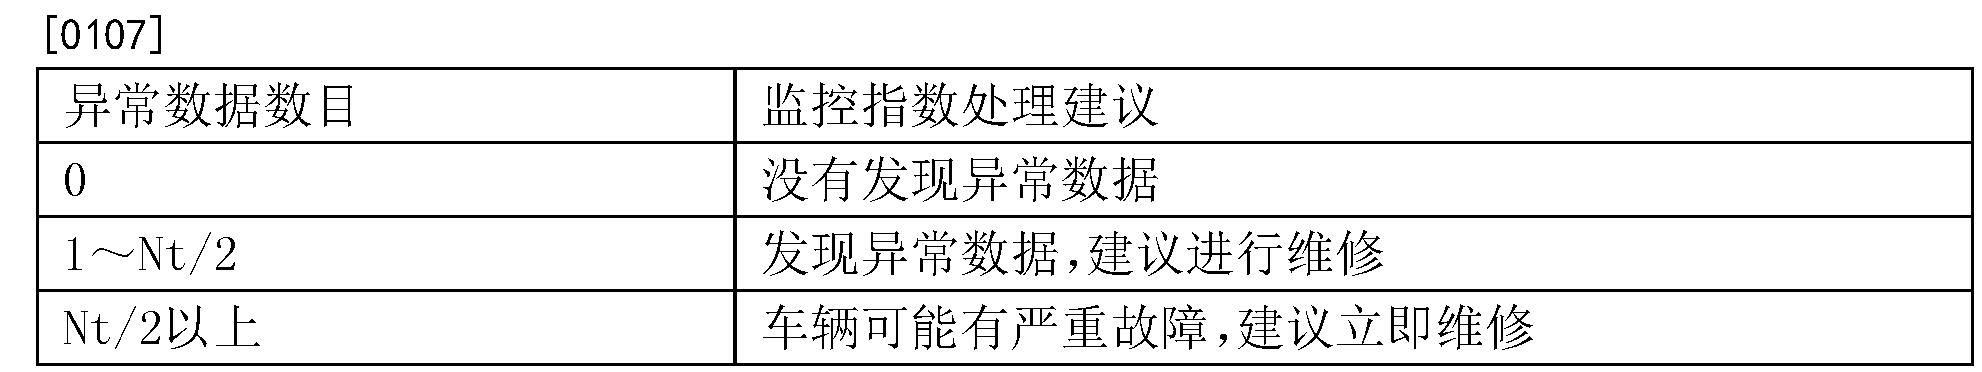 Figure CN105046088BD00153